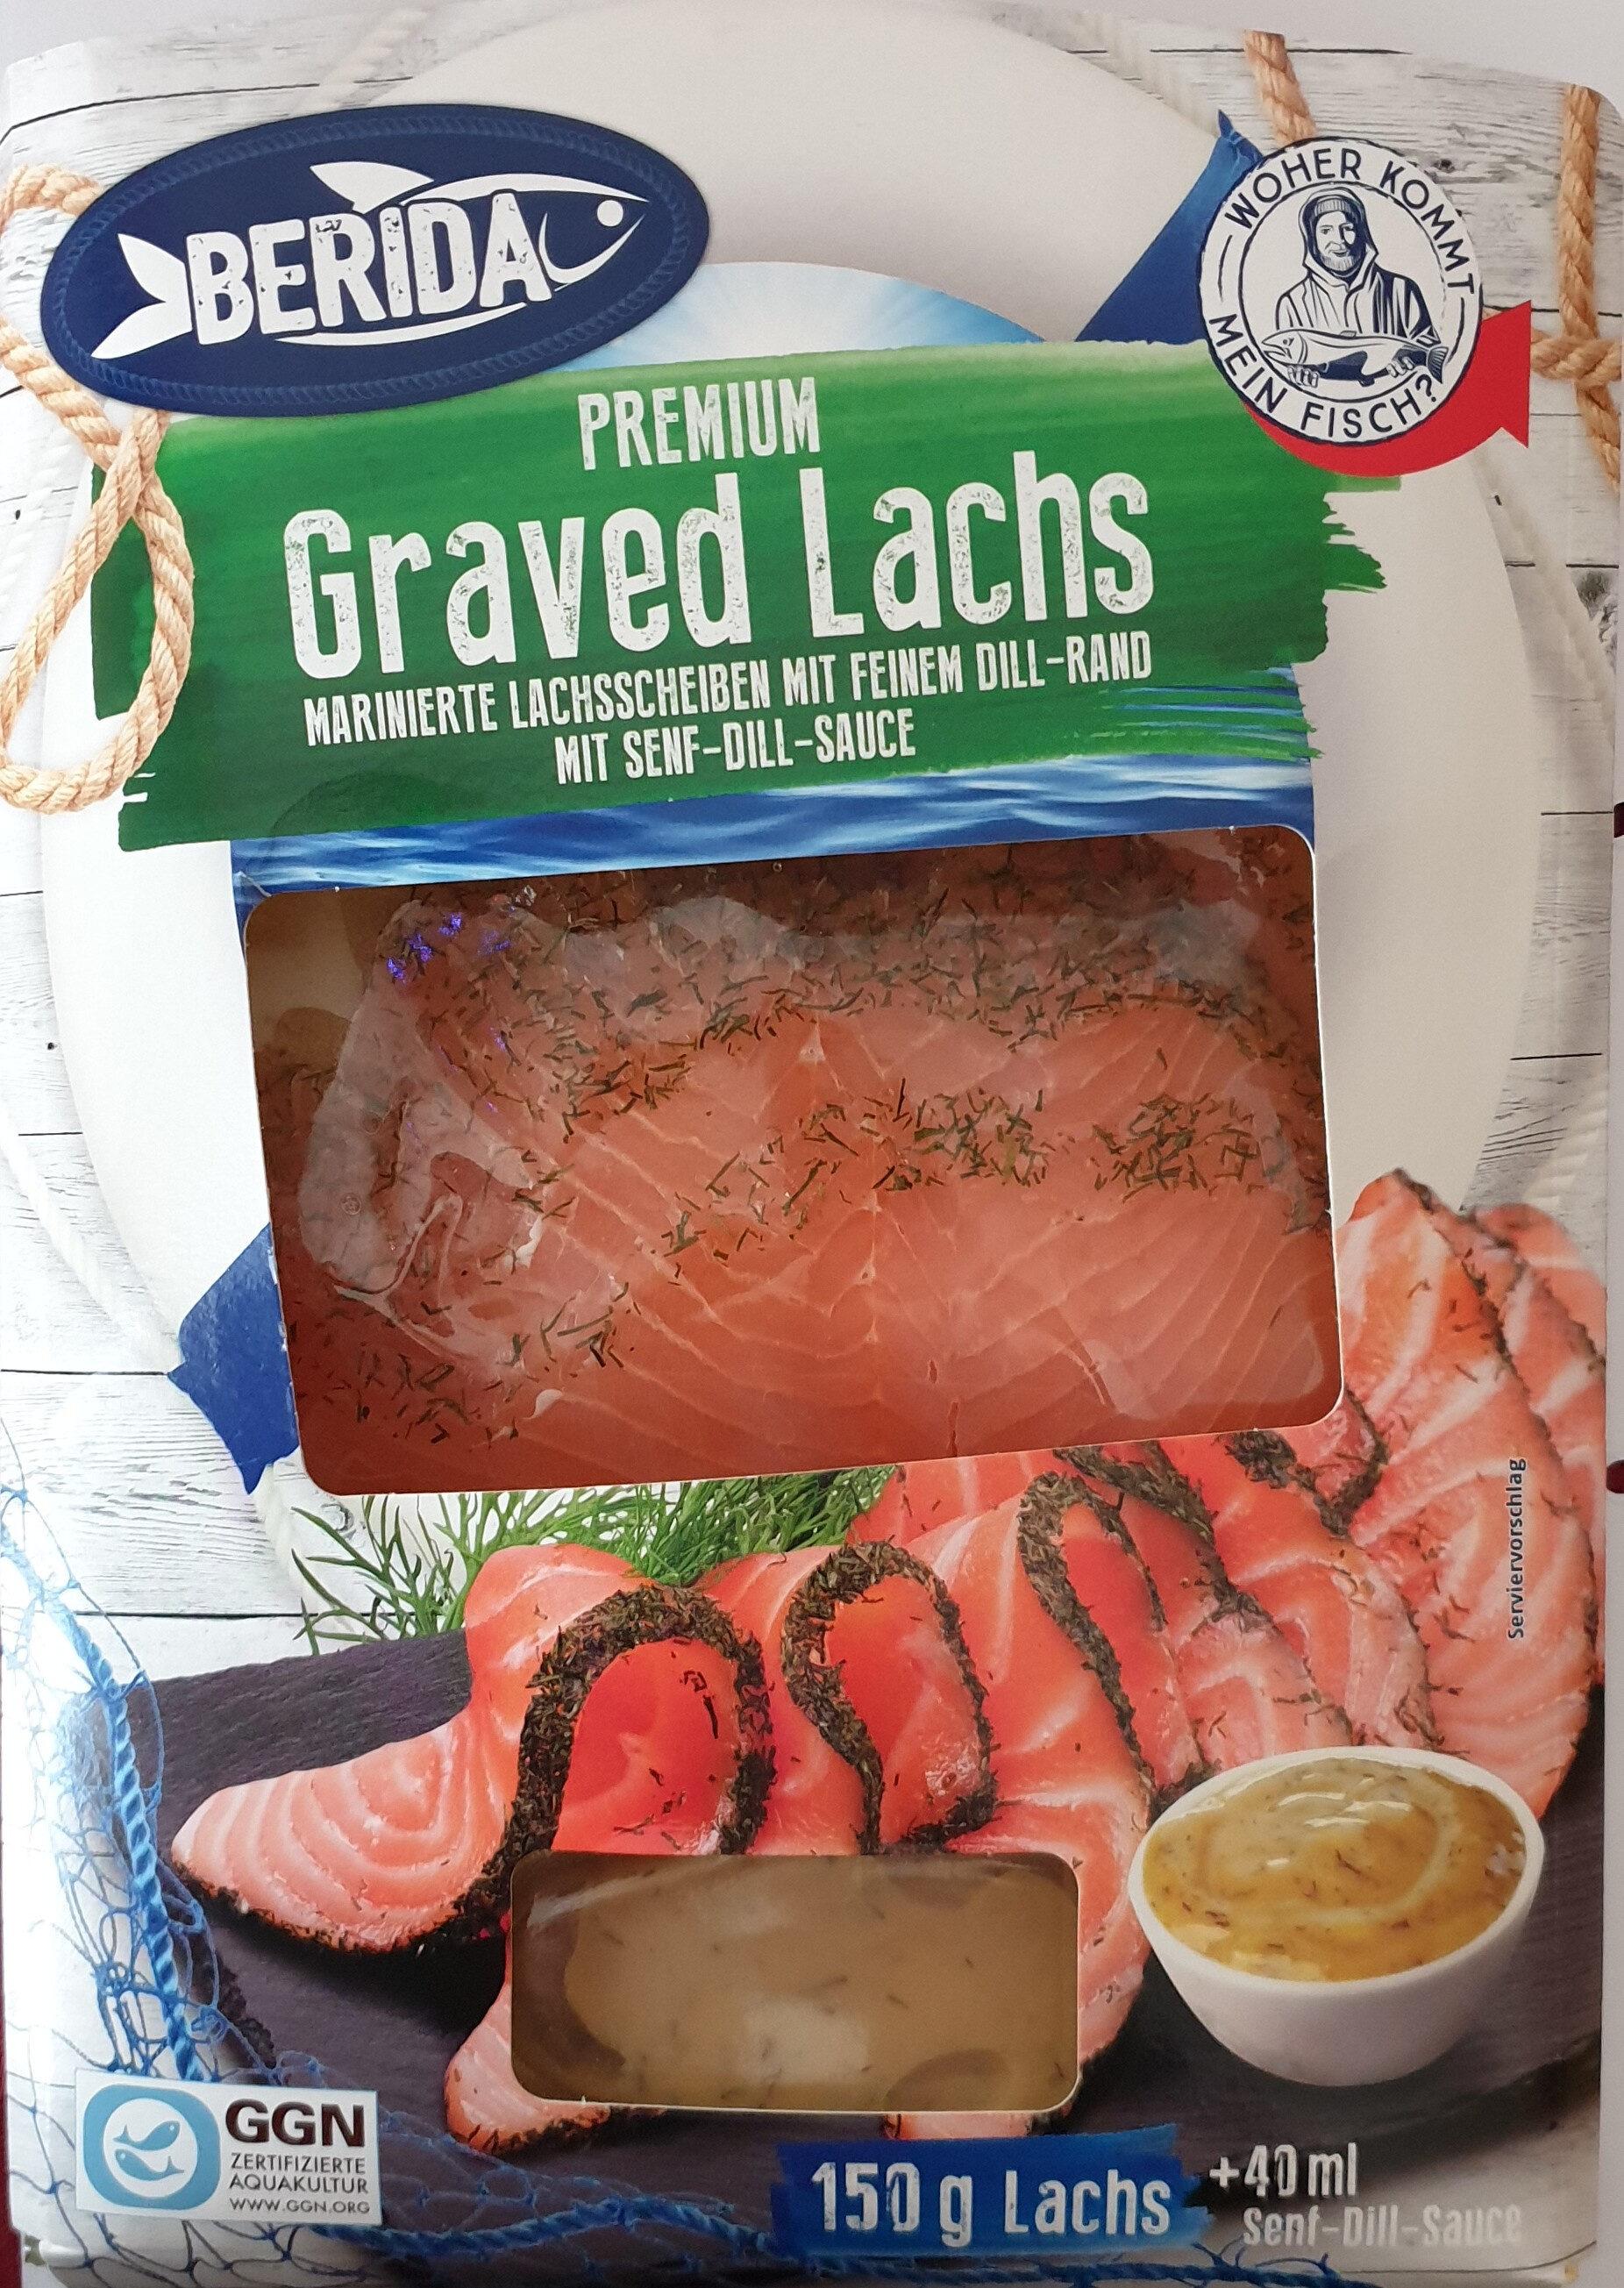 Premium Graved Lachs - Product - de